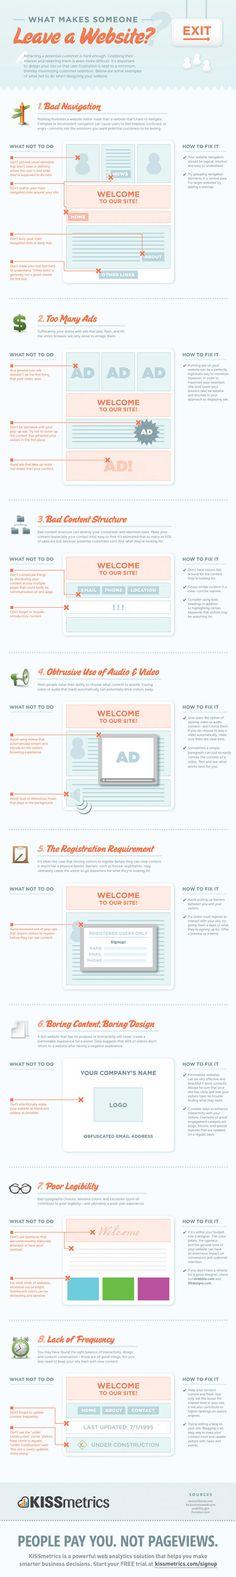 ¿Qué es lo que más espanta a los internautas de su página web?